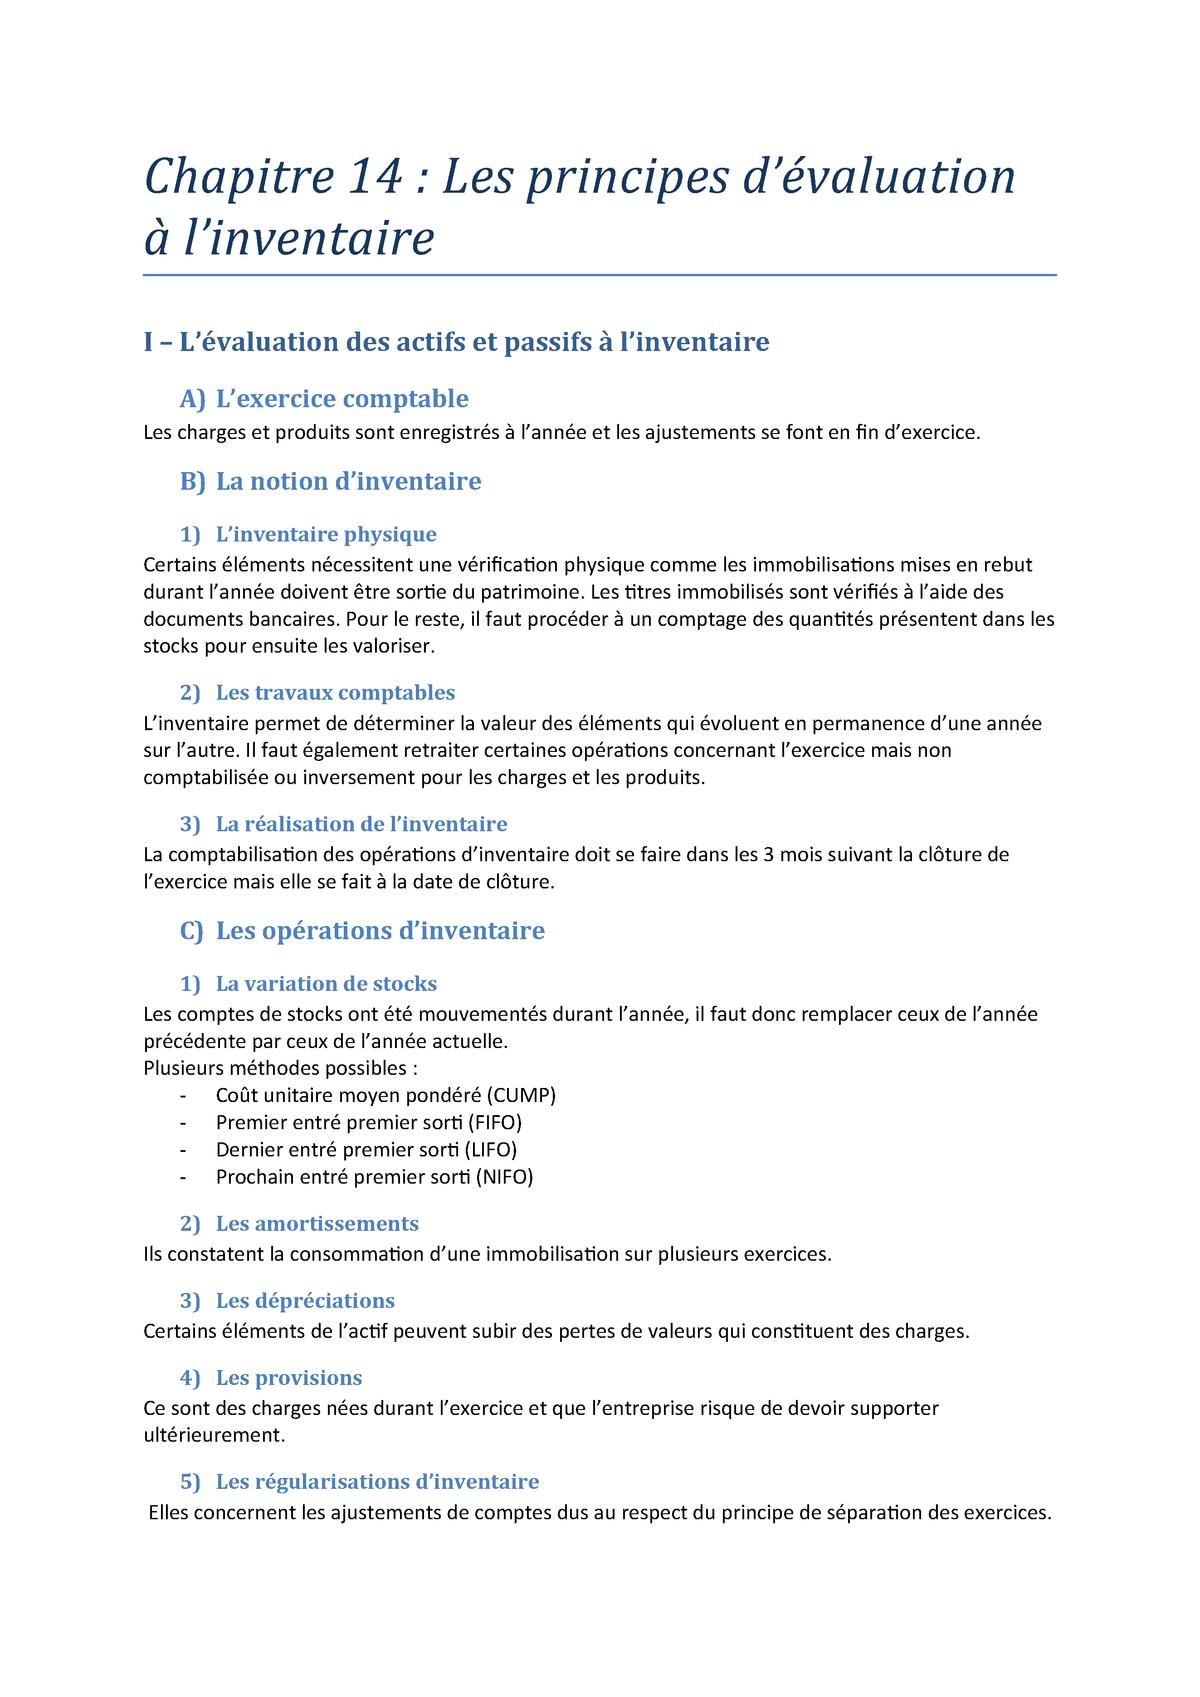 Chapitre 14 Les Principes D Evaluation A L Inventaire